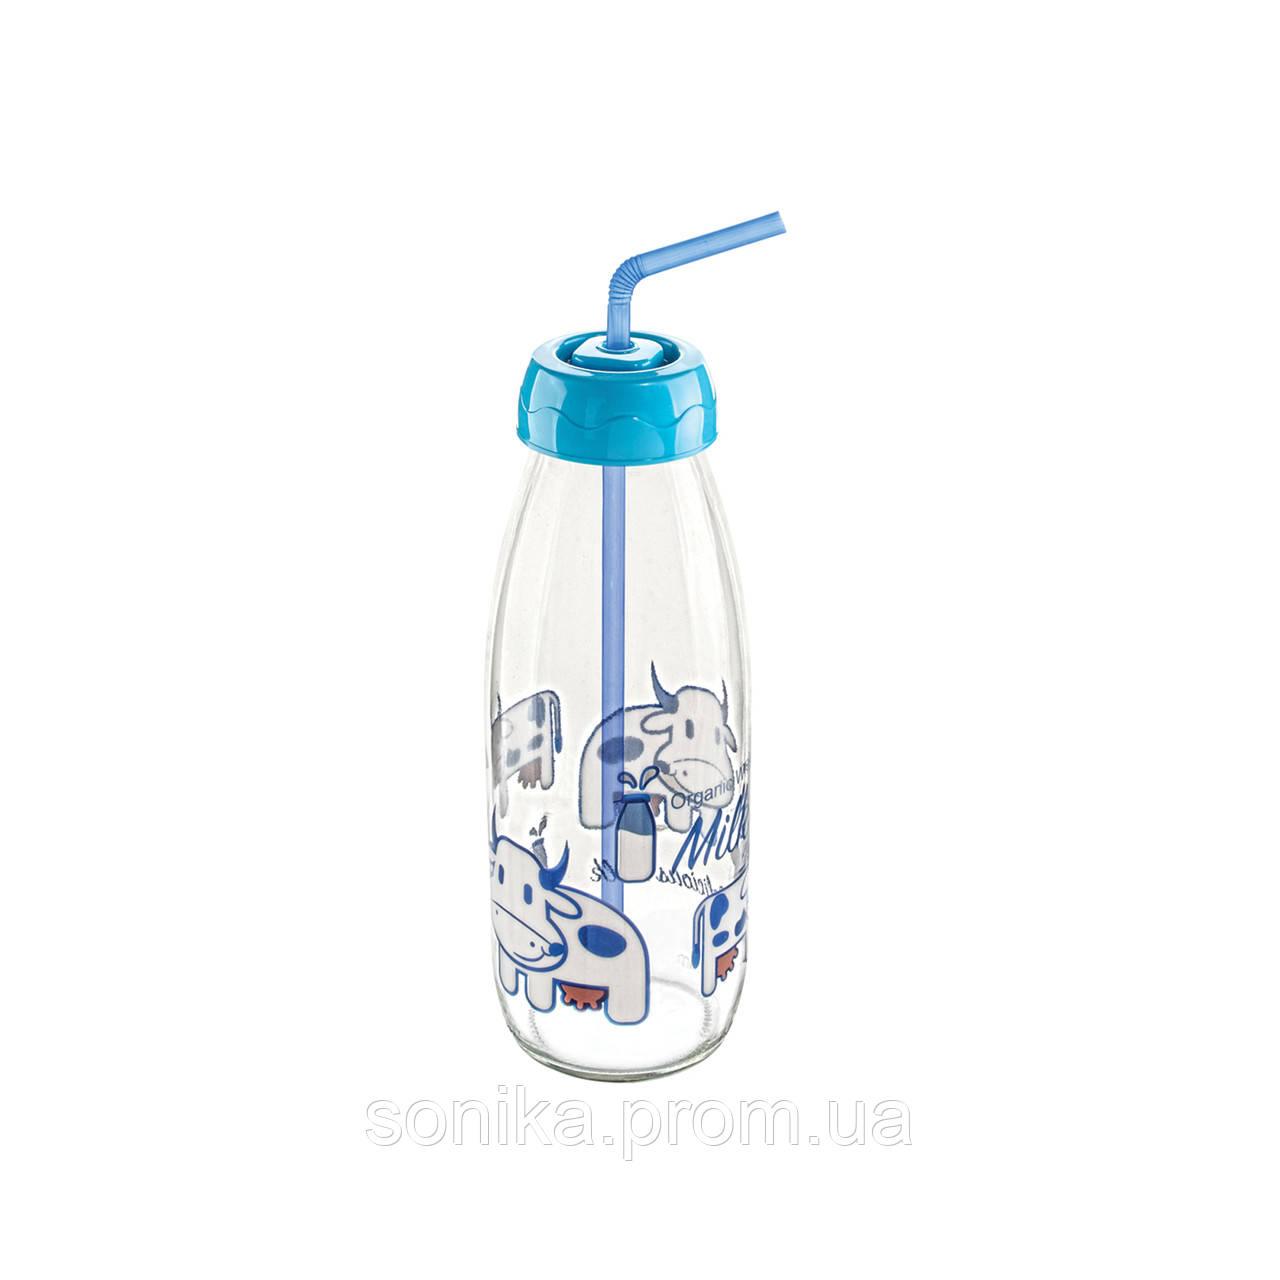 Дитяча пляшка  для напоїв з трубочкою Sarina 500мл.S-765